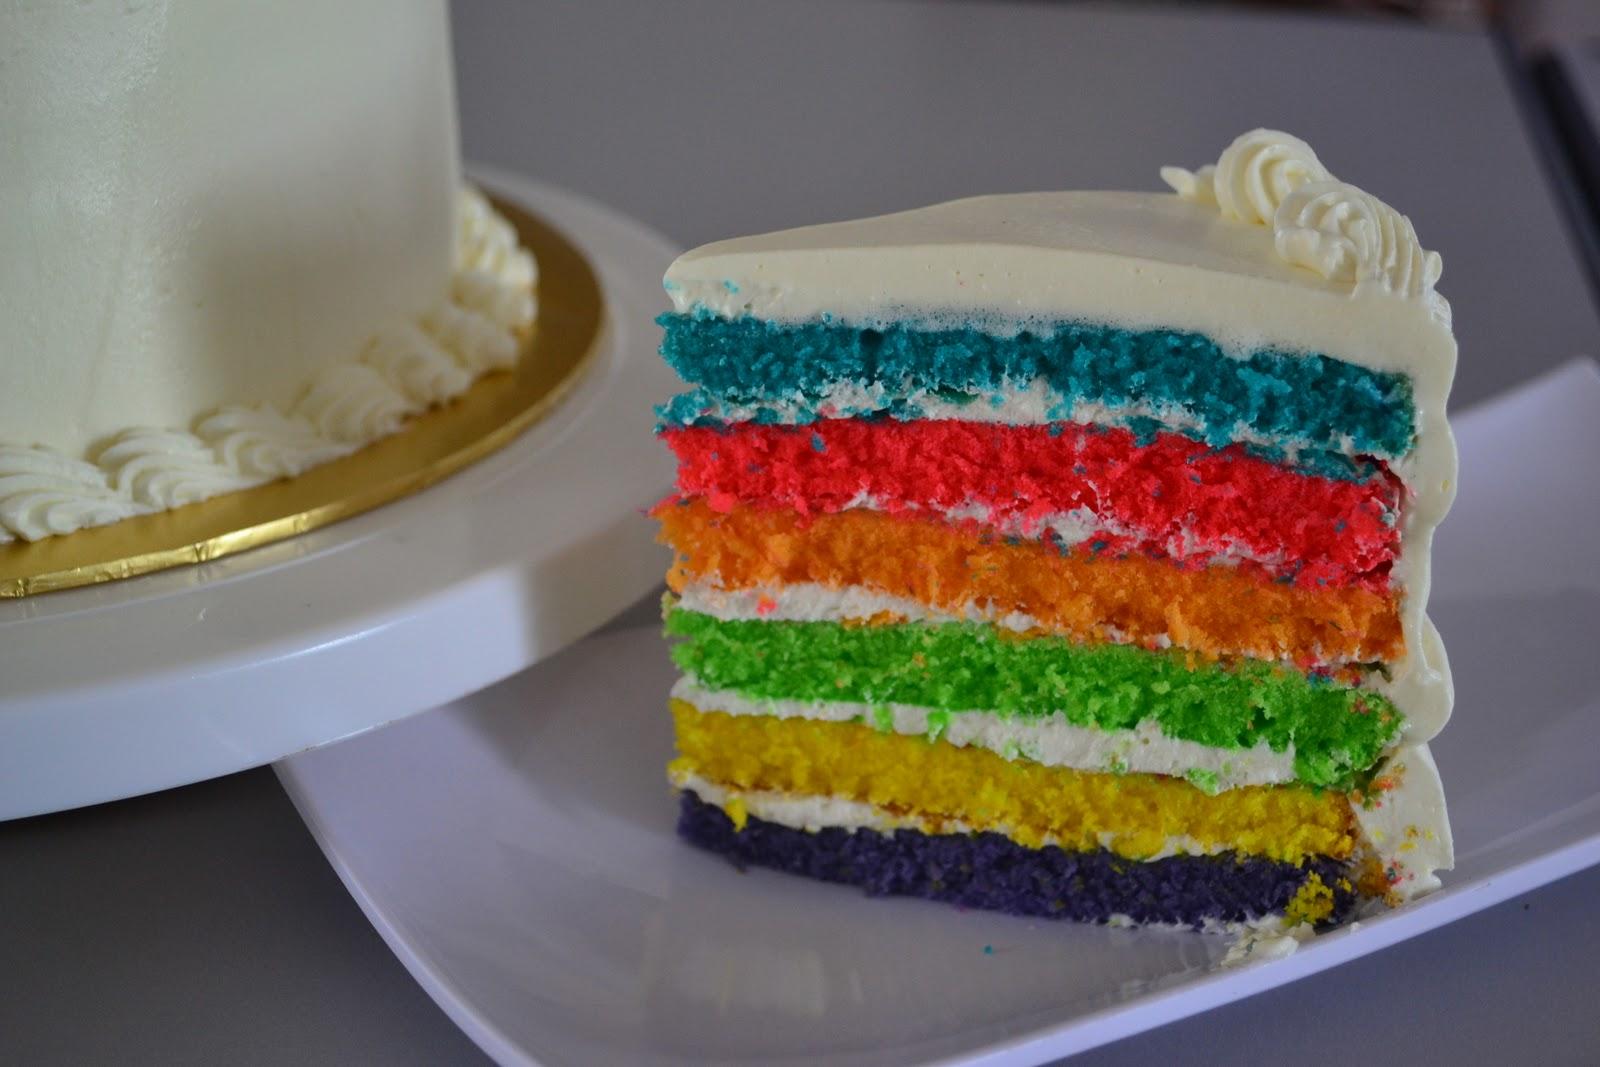 Rainbow Cake Recipe Italian: Elianas Homemadecake :): KELAS DIY BERSAMA SITI